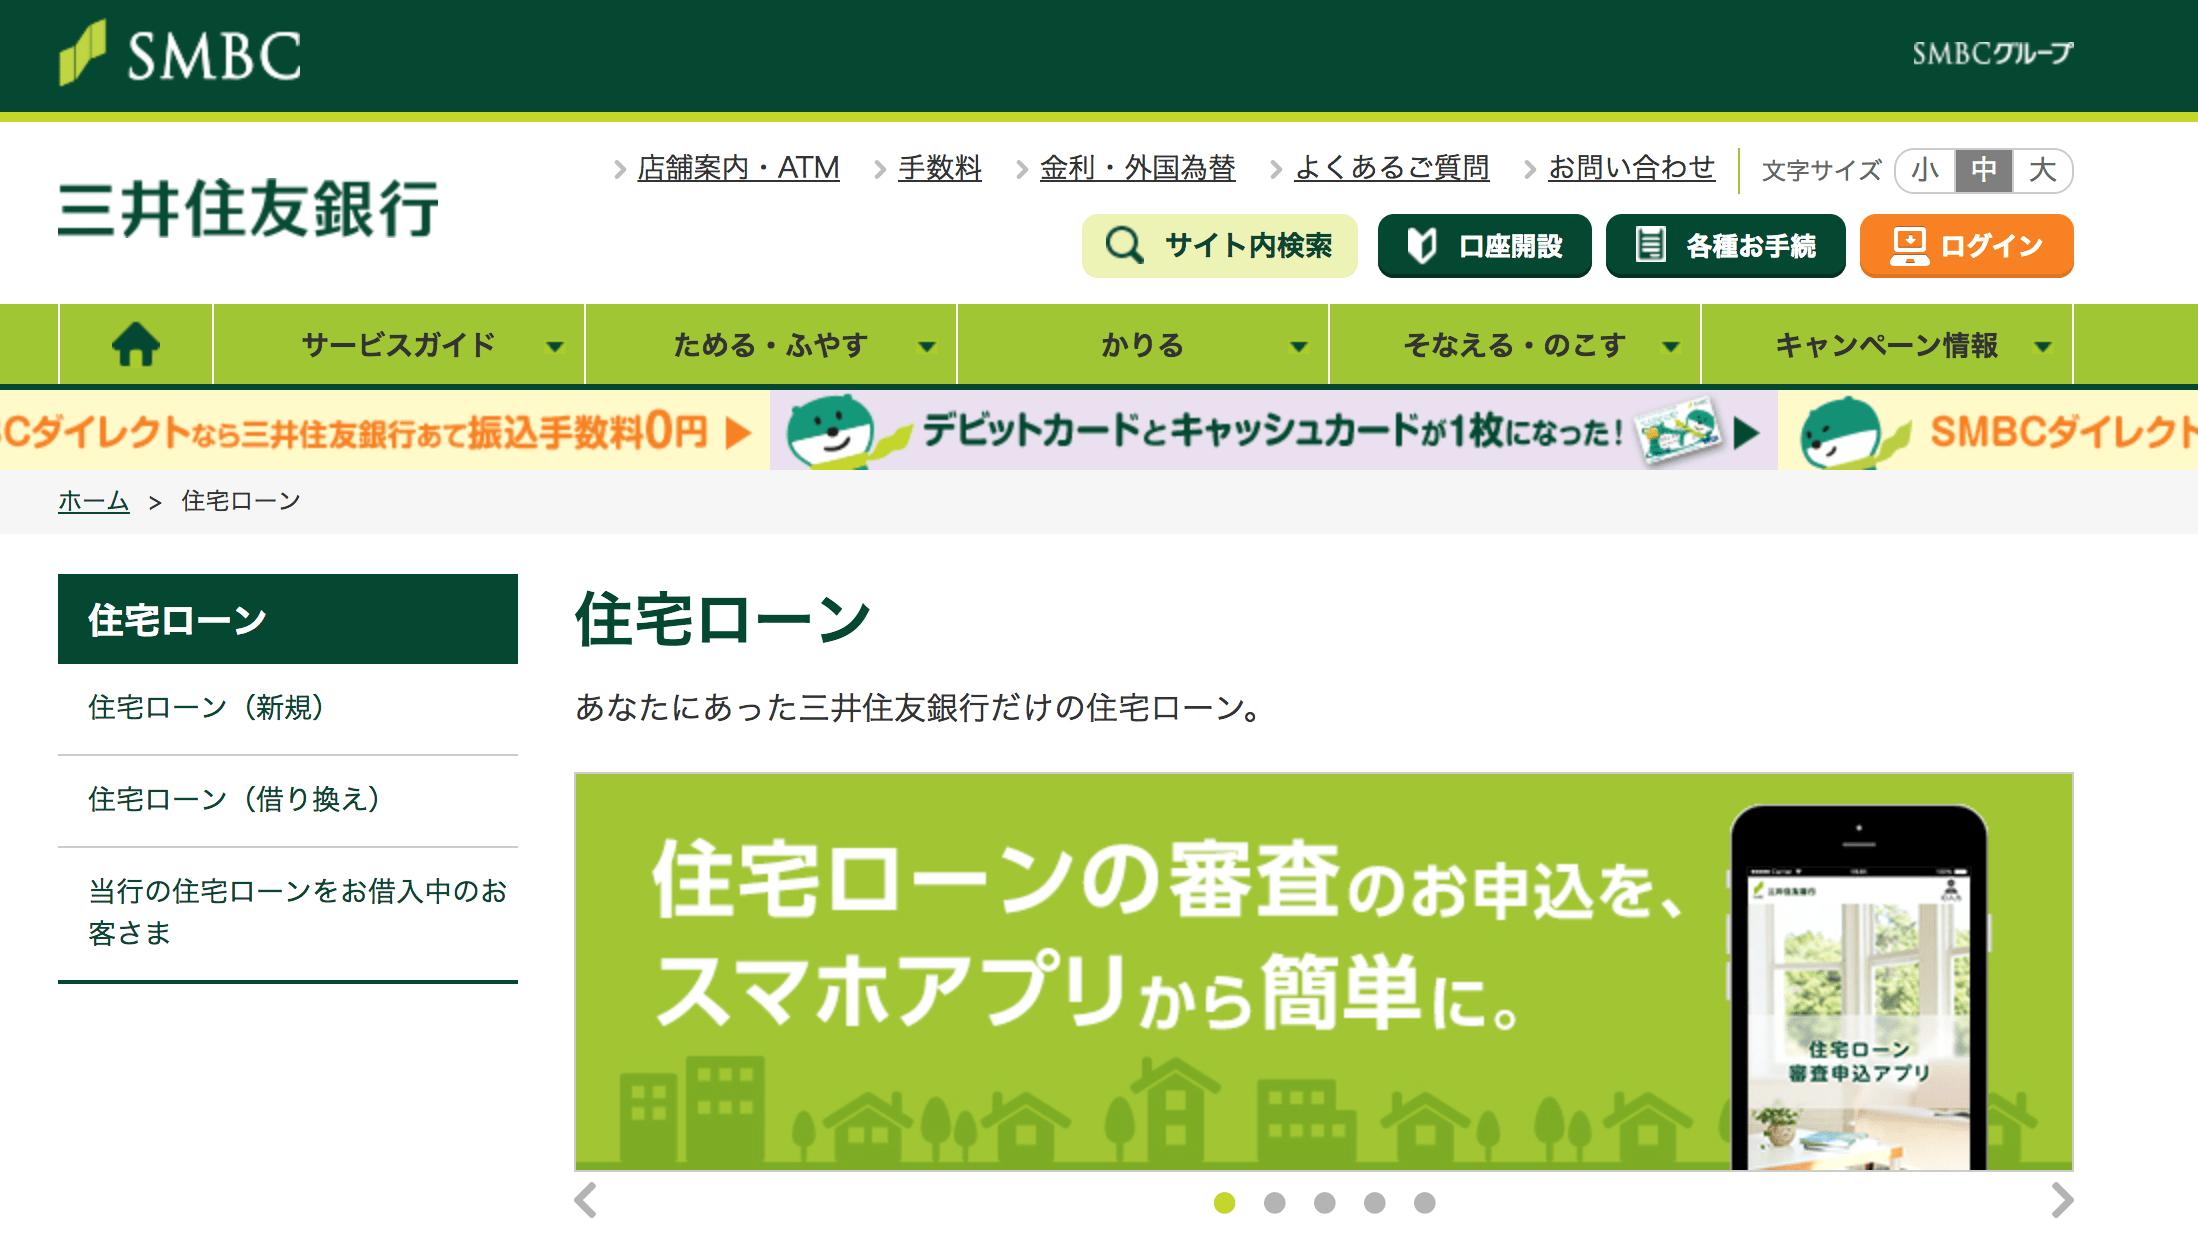 住友 銀行 住宅 ローン 三井 三井住友銀行 住宅ローンのメリット・デメリット